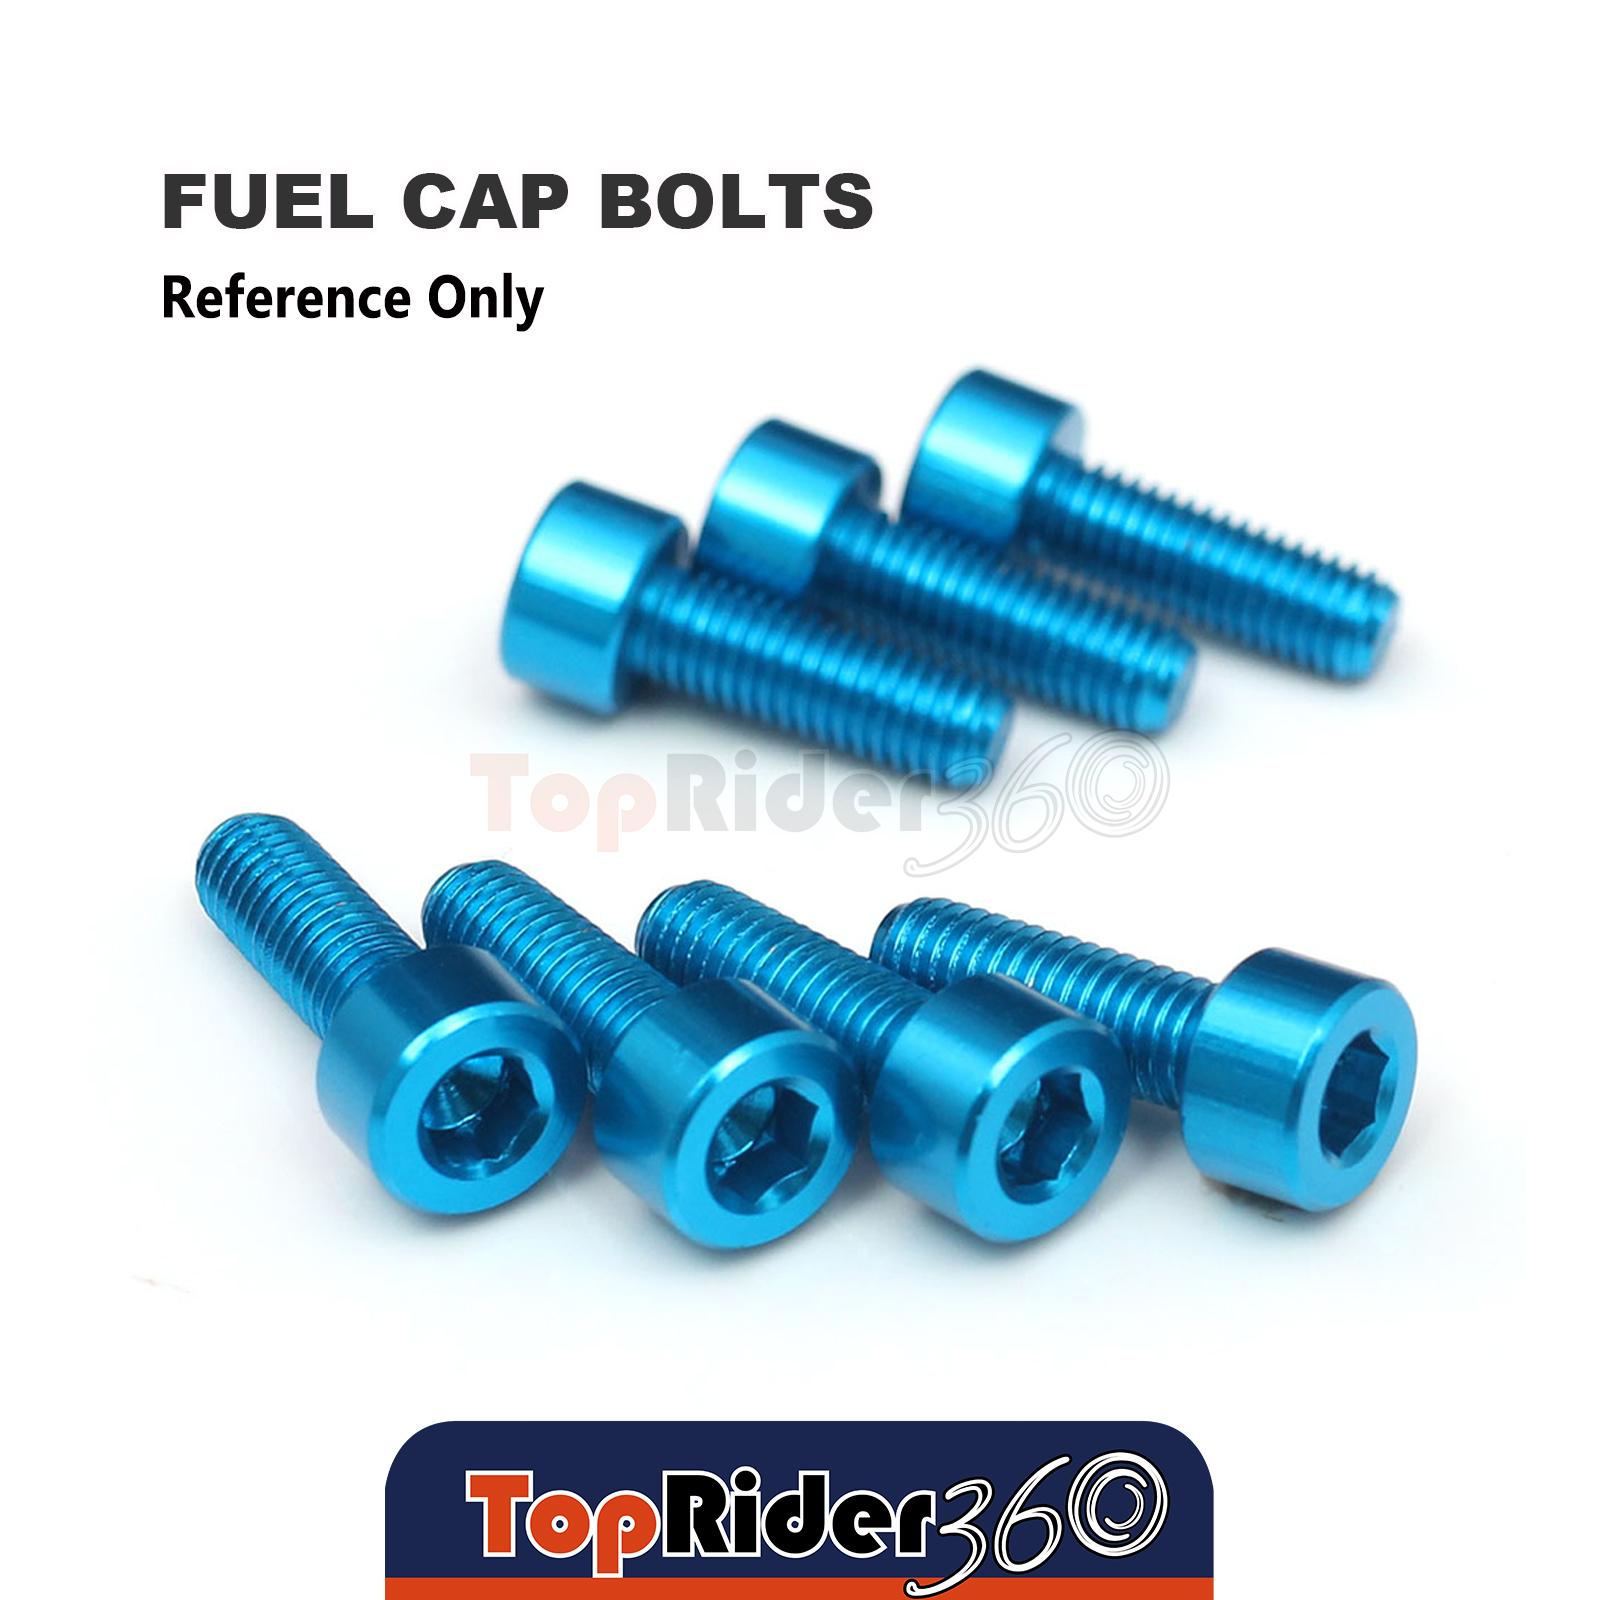 Titanium Billet CNC Gas Fuel Cap Bolts Fit Honda CB1100 16-17 16 17